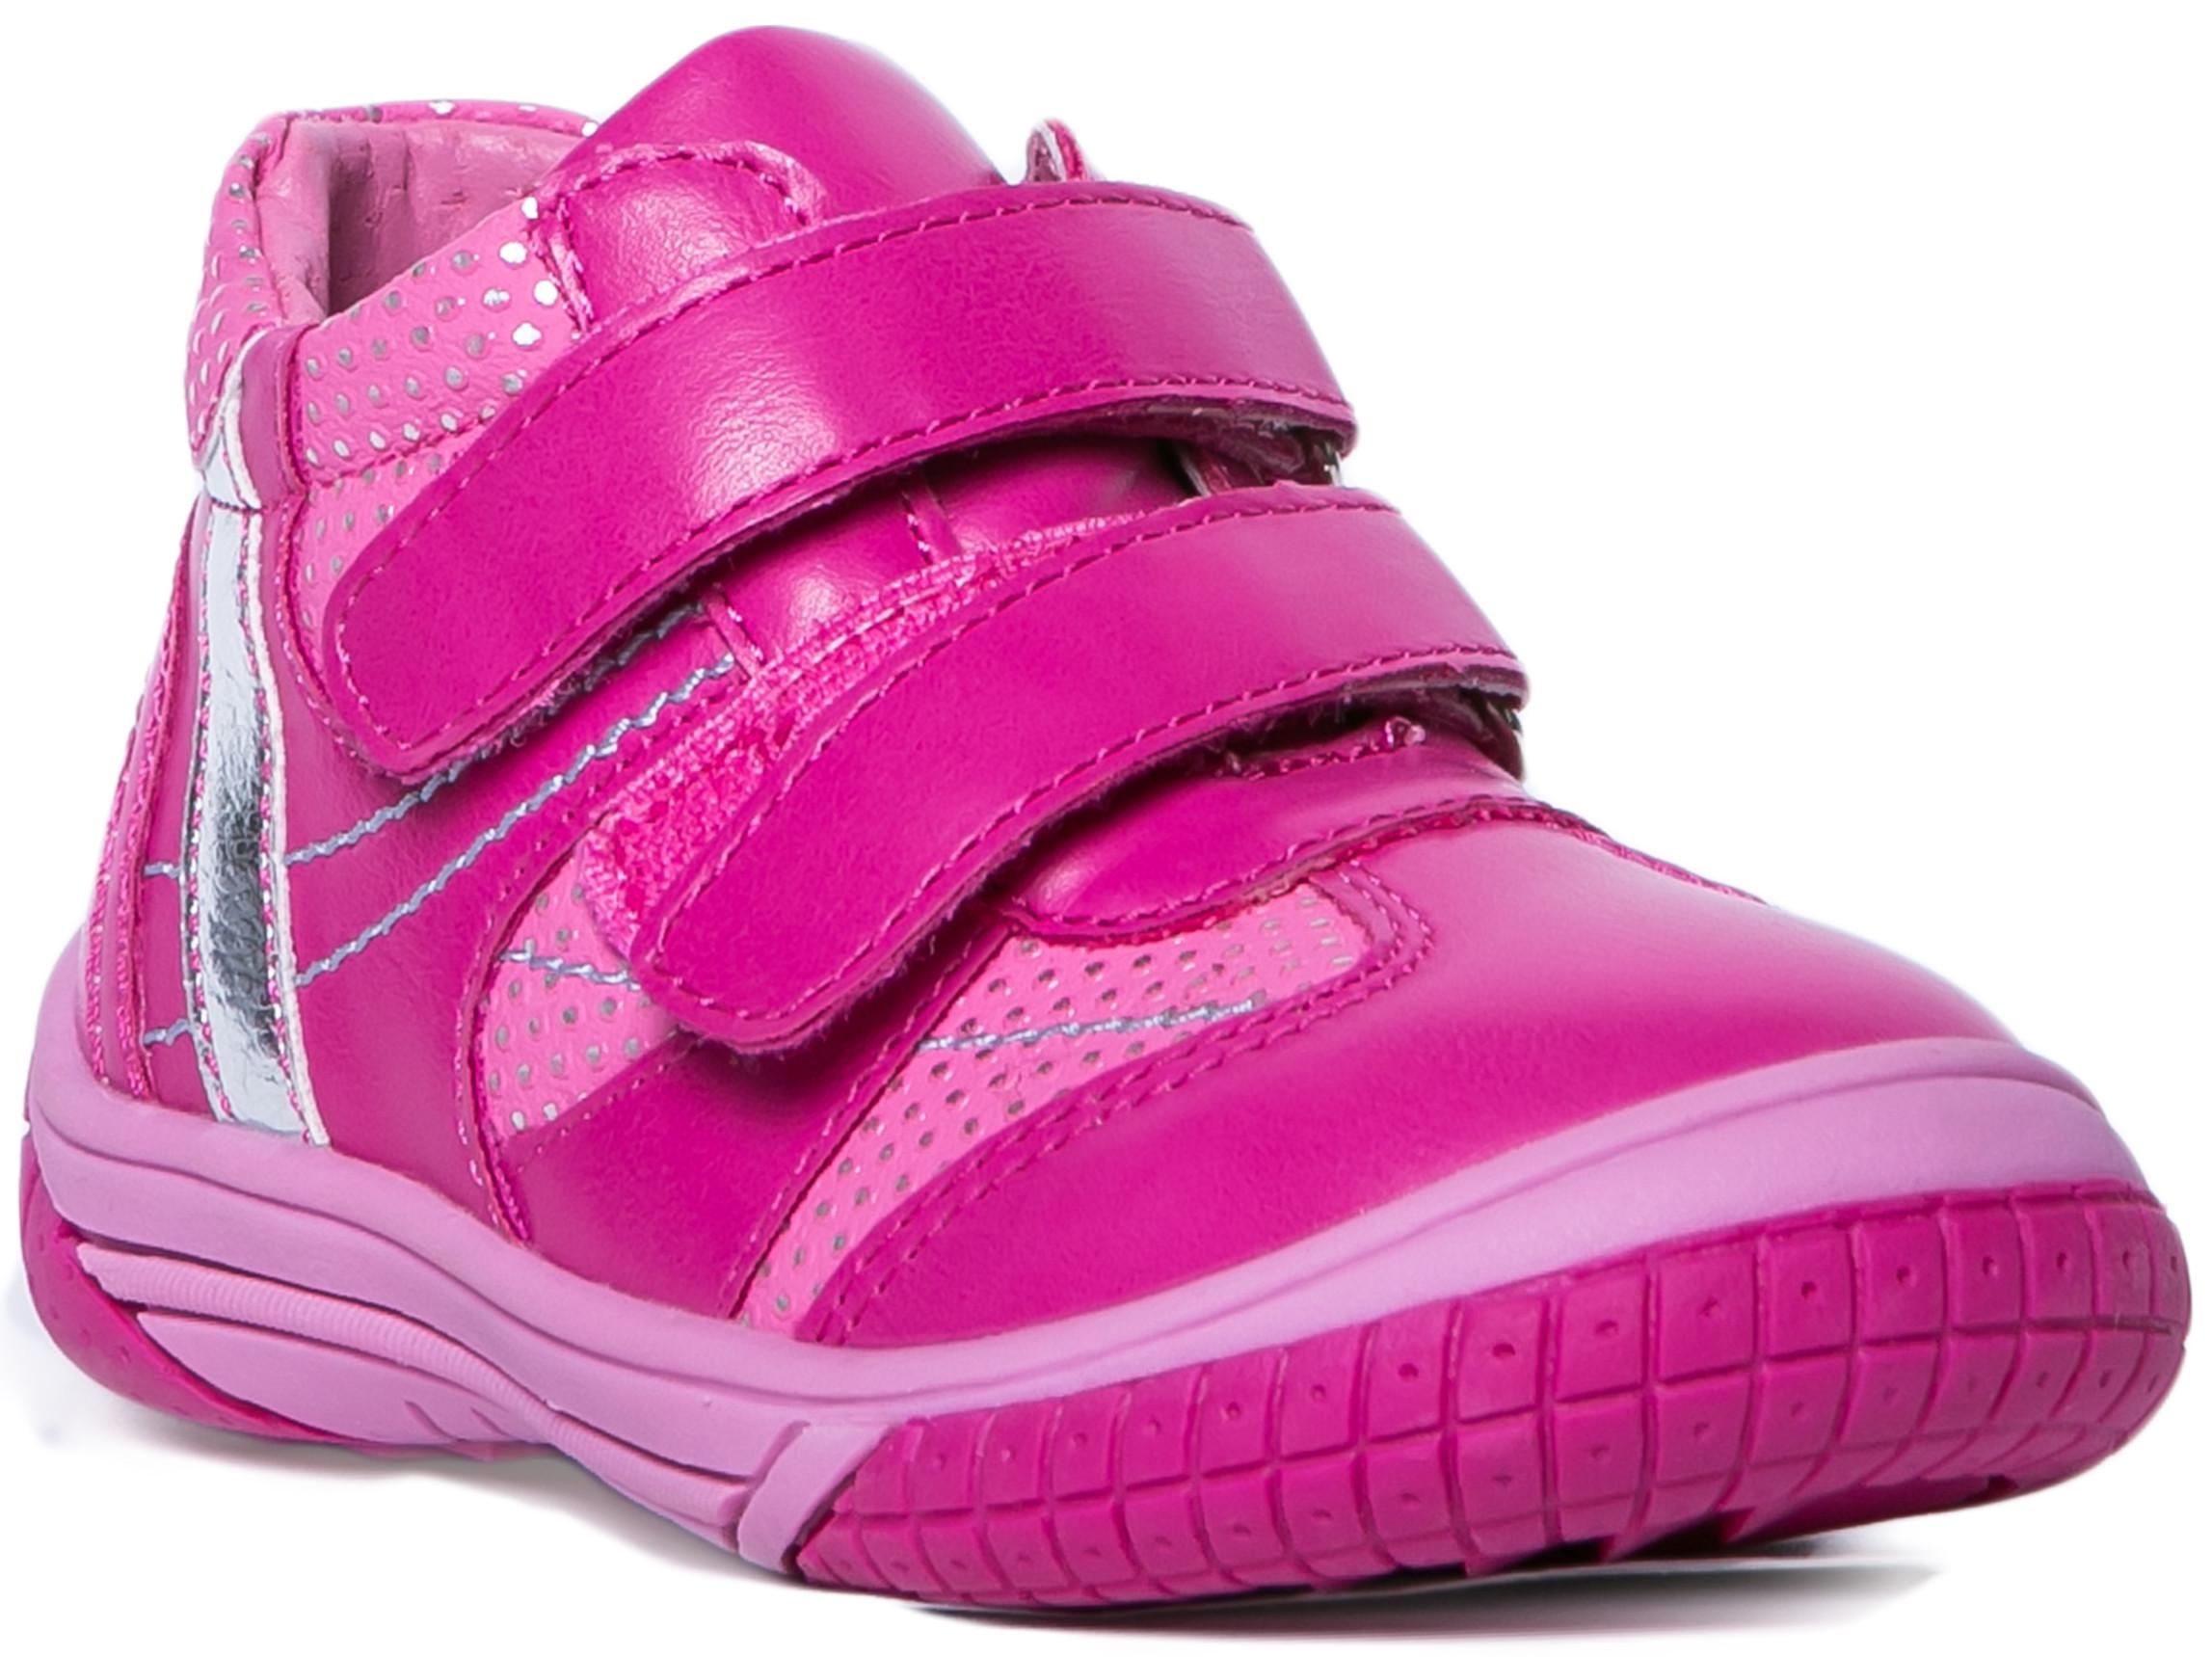 Ботинки и полуботинки Barkito Ботинки для девочки Barkito, фуксия shagovita фуксия